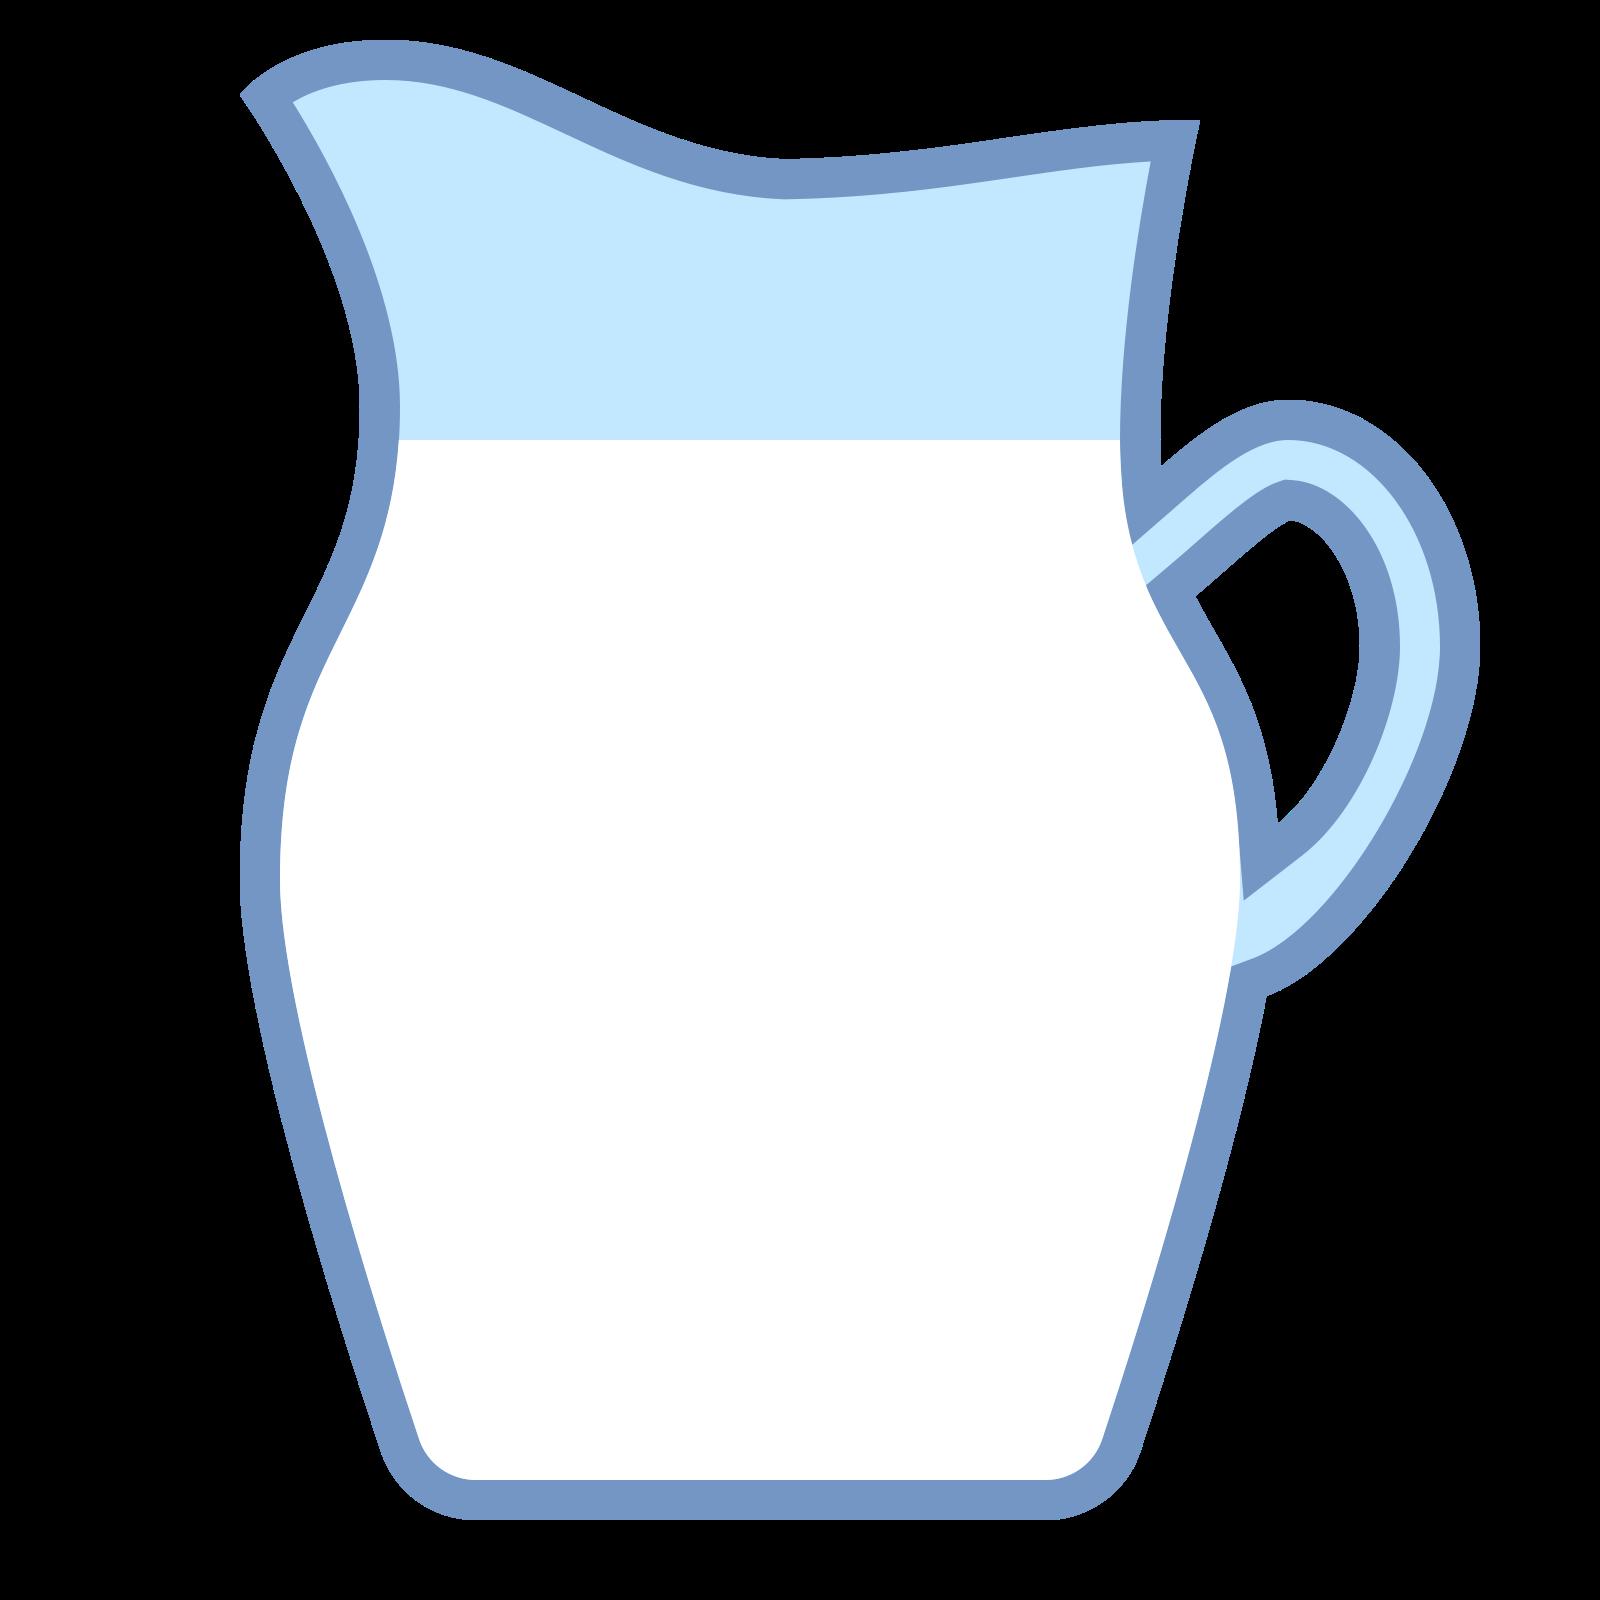 Mleko icon